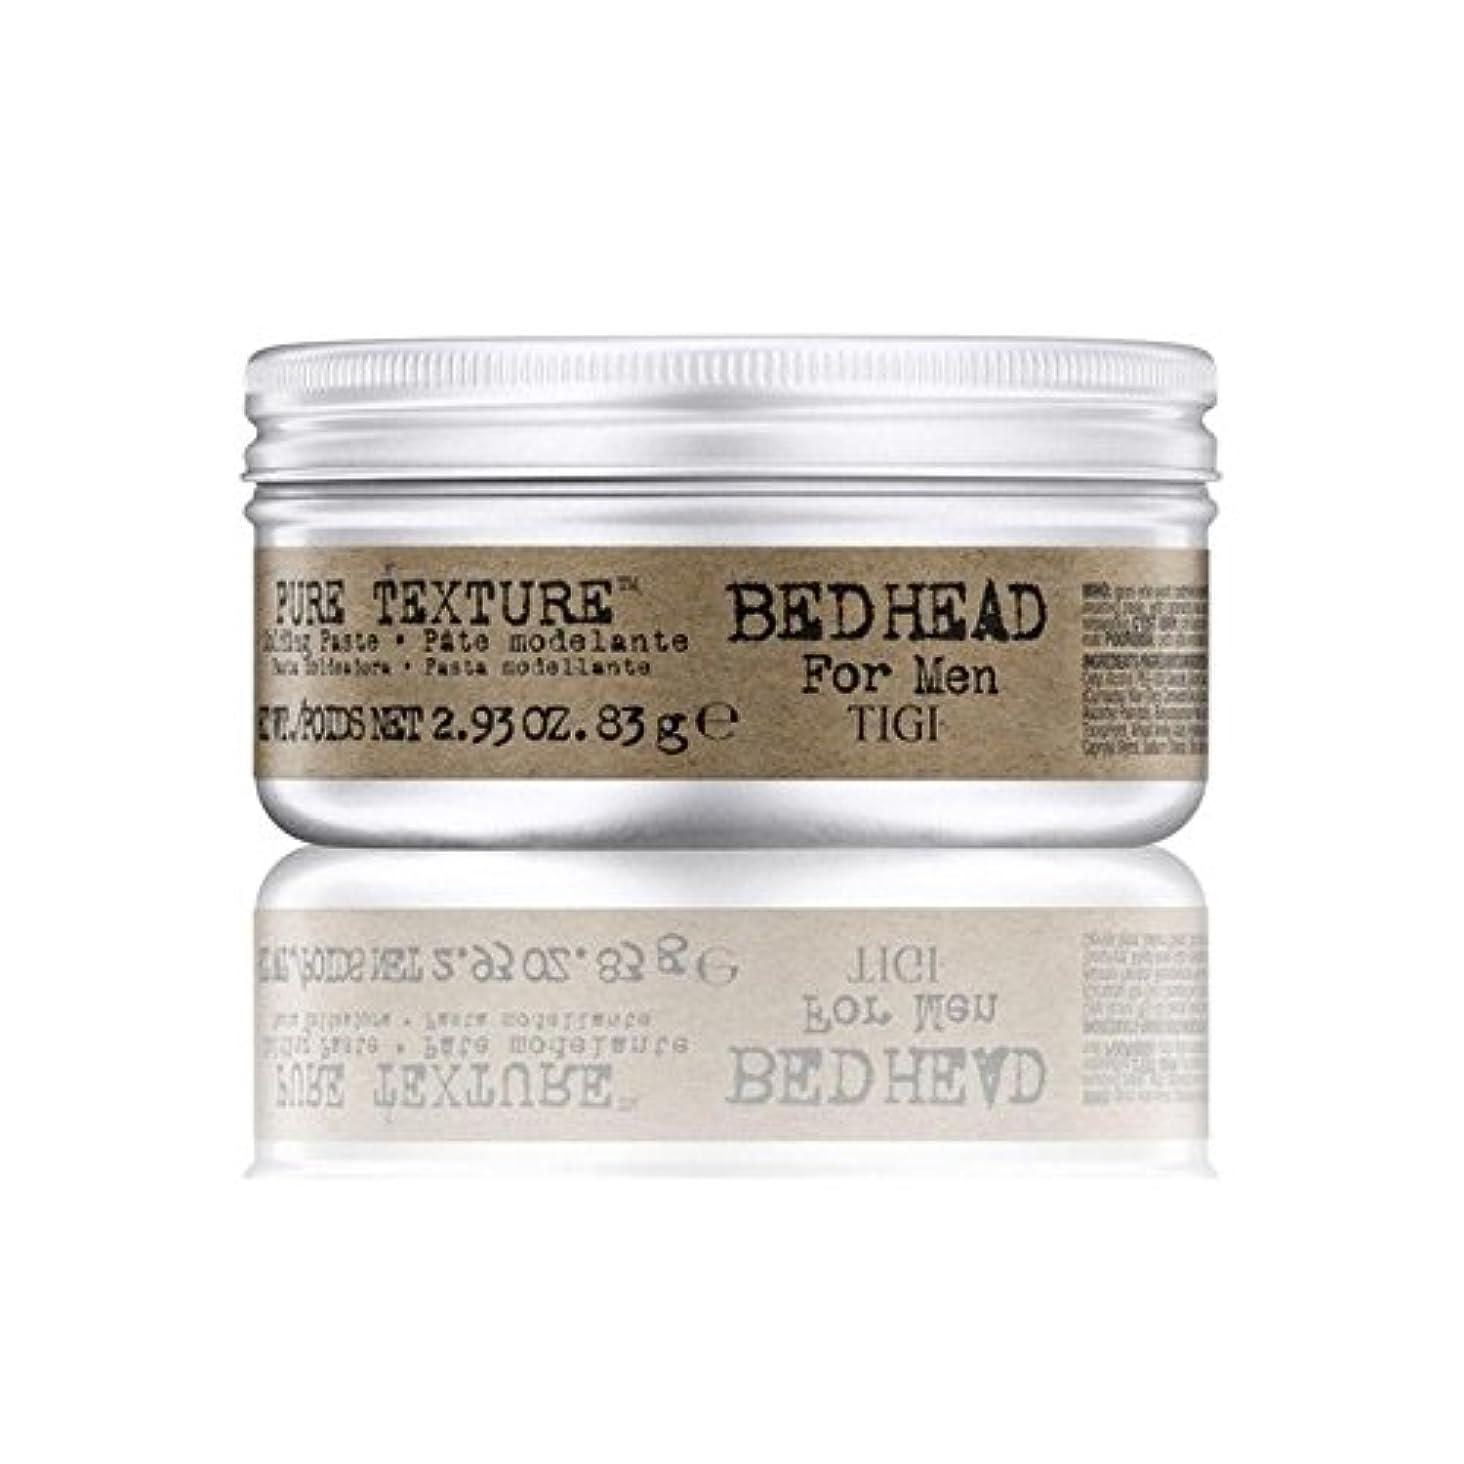 表示バンジージャンプ若者Tigi Bed Head For Men Pure Texture Molding Paste (83G) (Pack of 6) - 男性の純粋なテクスチャーモールディングペースト(83グラム)のためのティジーベッドヘッド...